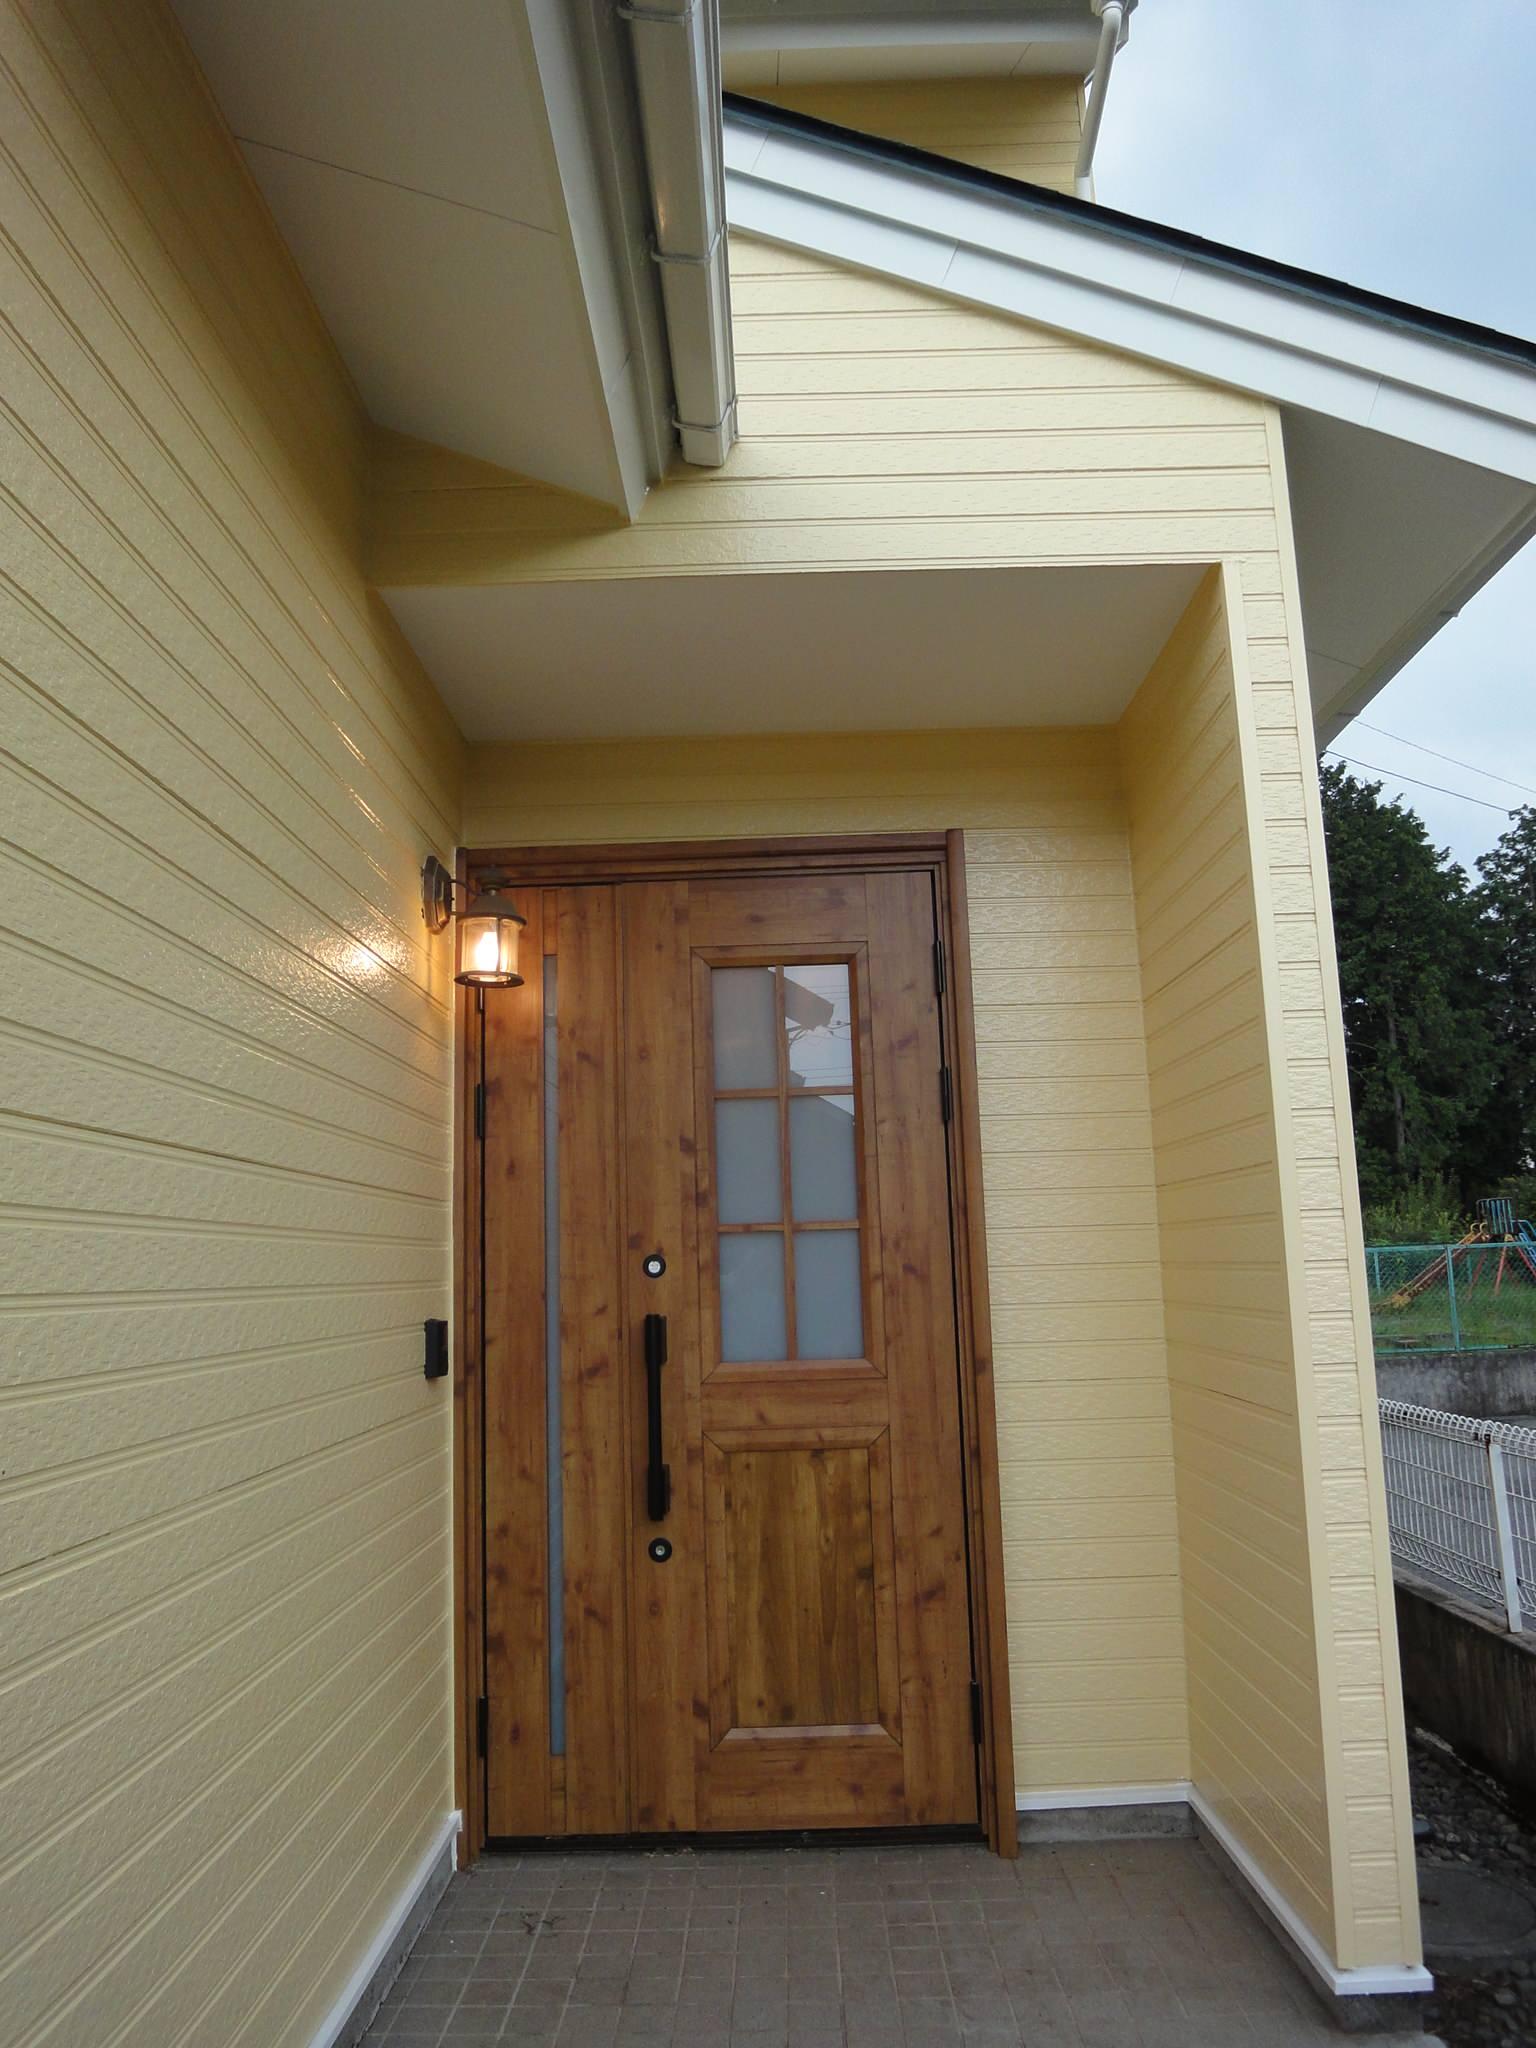 日光のカワイイ家 中古+リノベでお得に素敵な暮らししませんか?